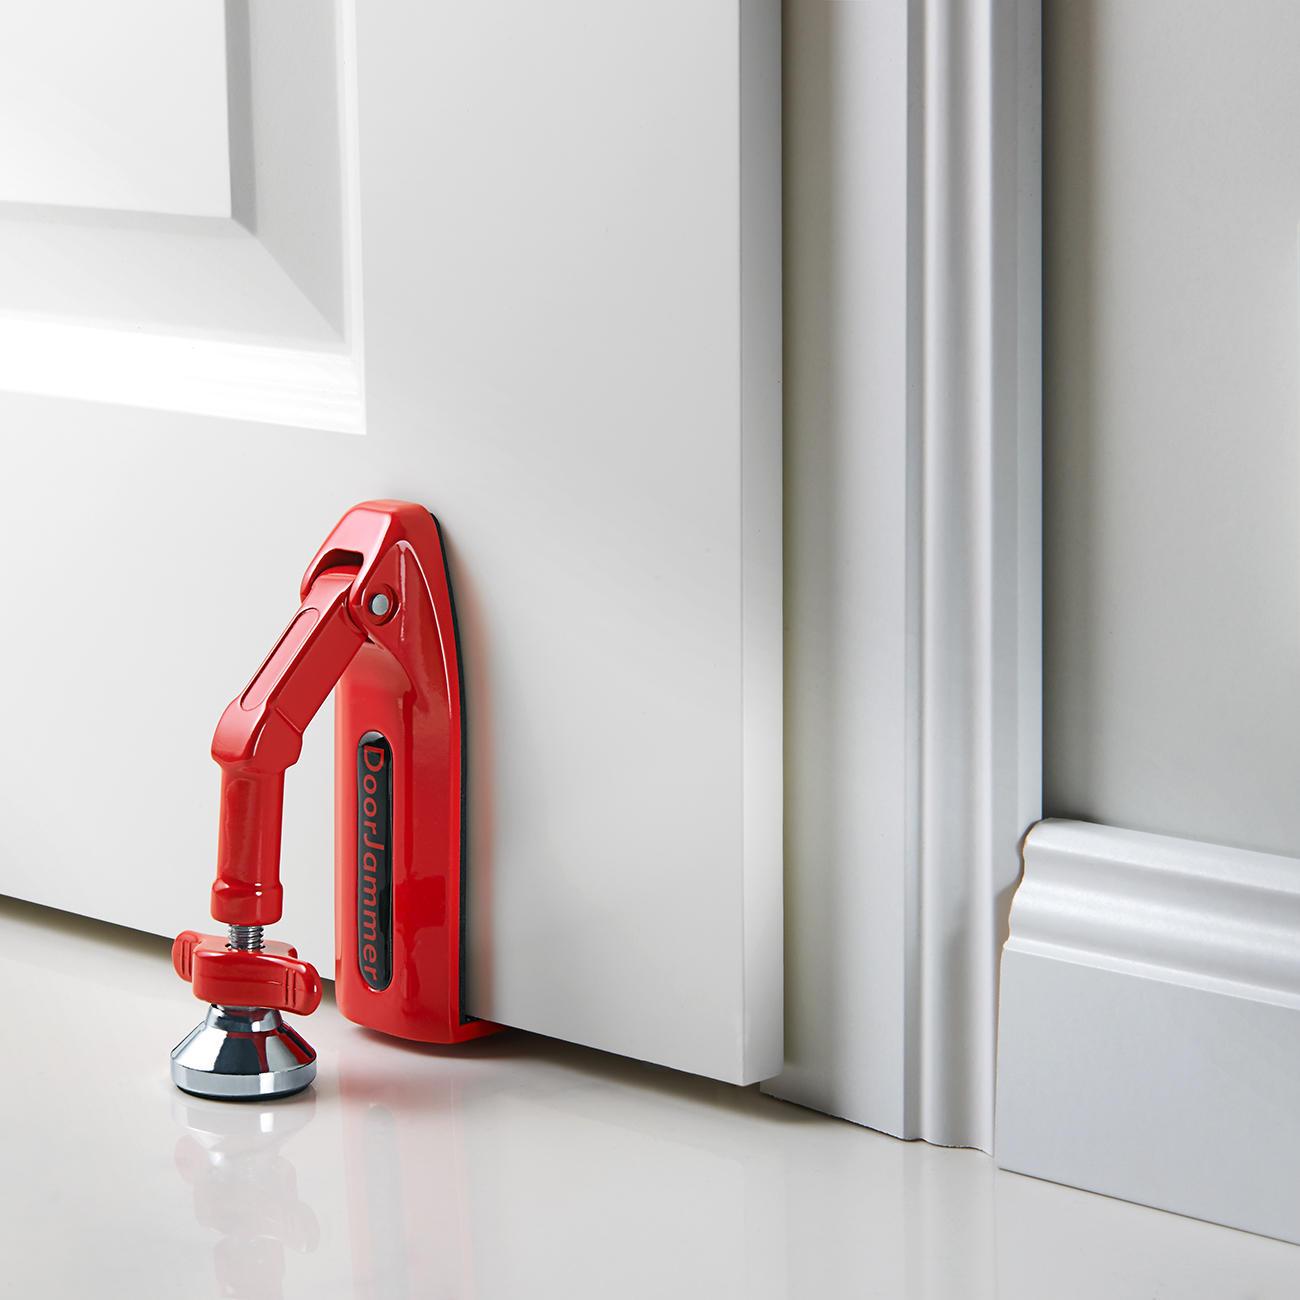 kh security manueller einbruchschutz door jammer kaufen. Black Bedroom Furniture Sets. Home Design Ideas